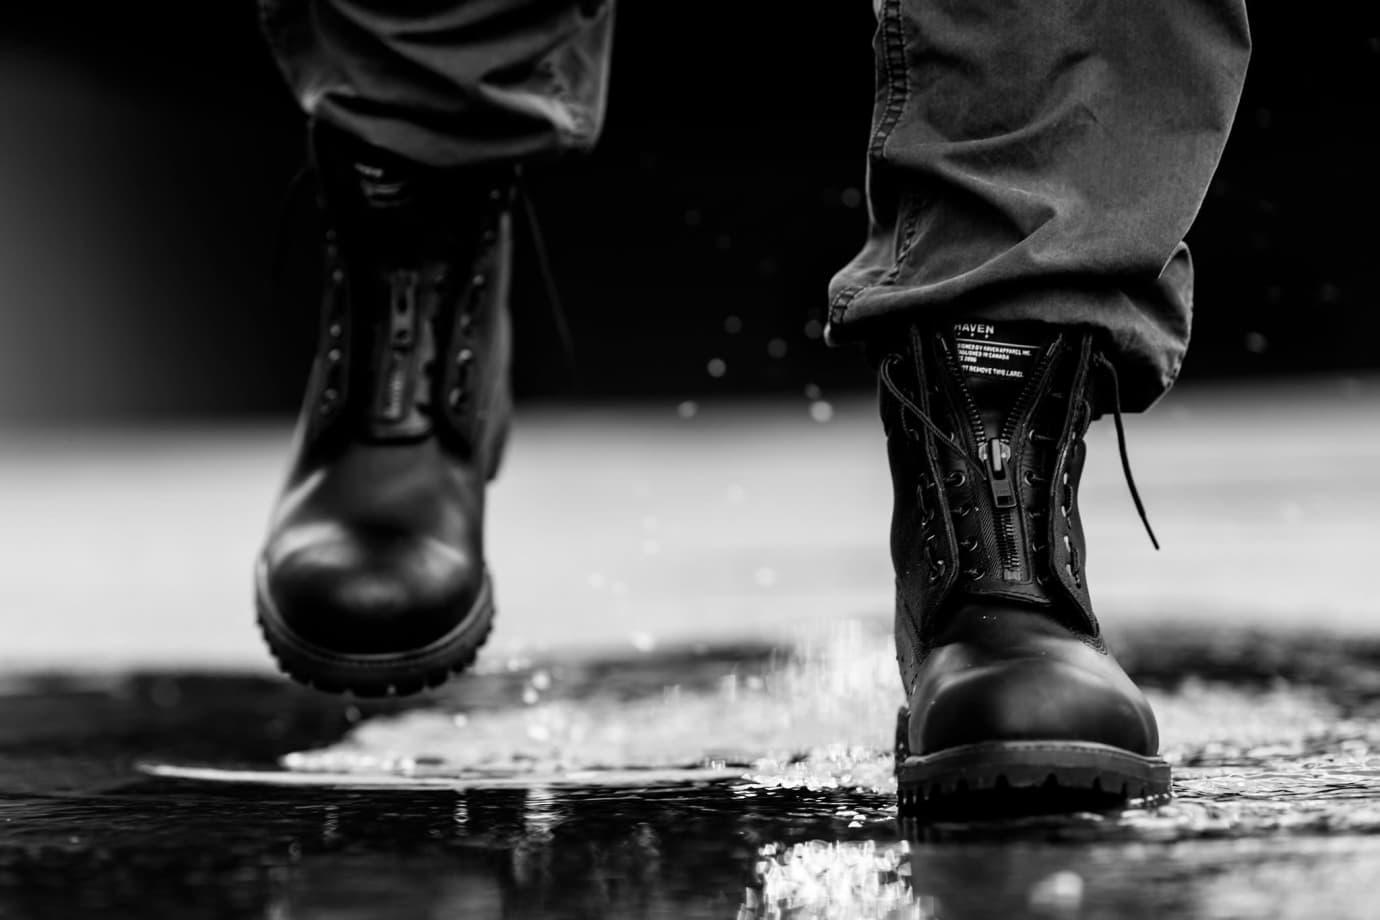 haven timberland 6 inch 2019 01 - HAVEN e Timberland estreiam botas militaristas em parceria